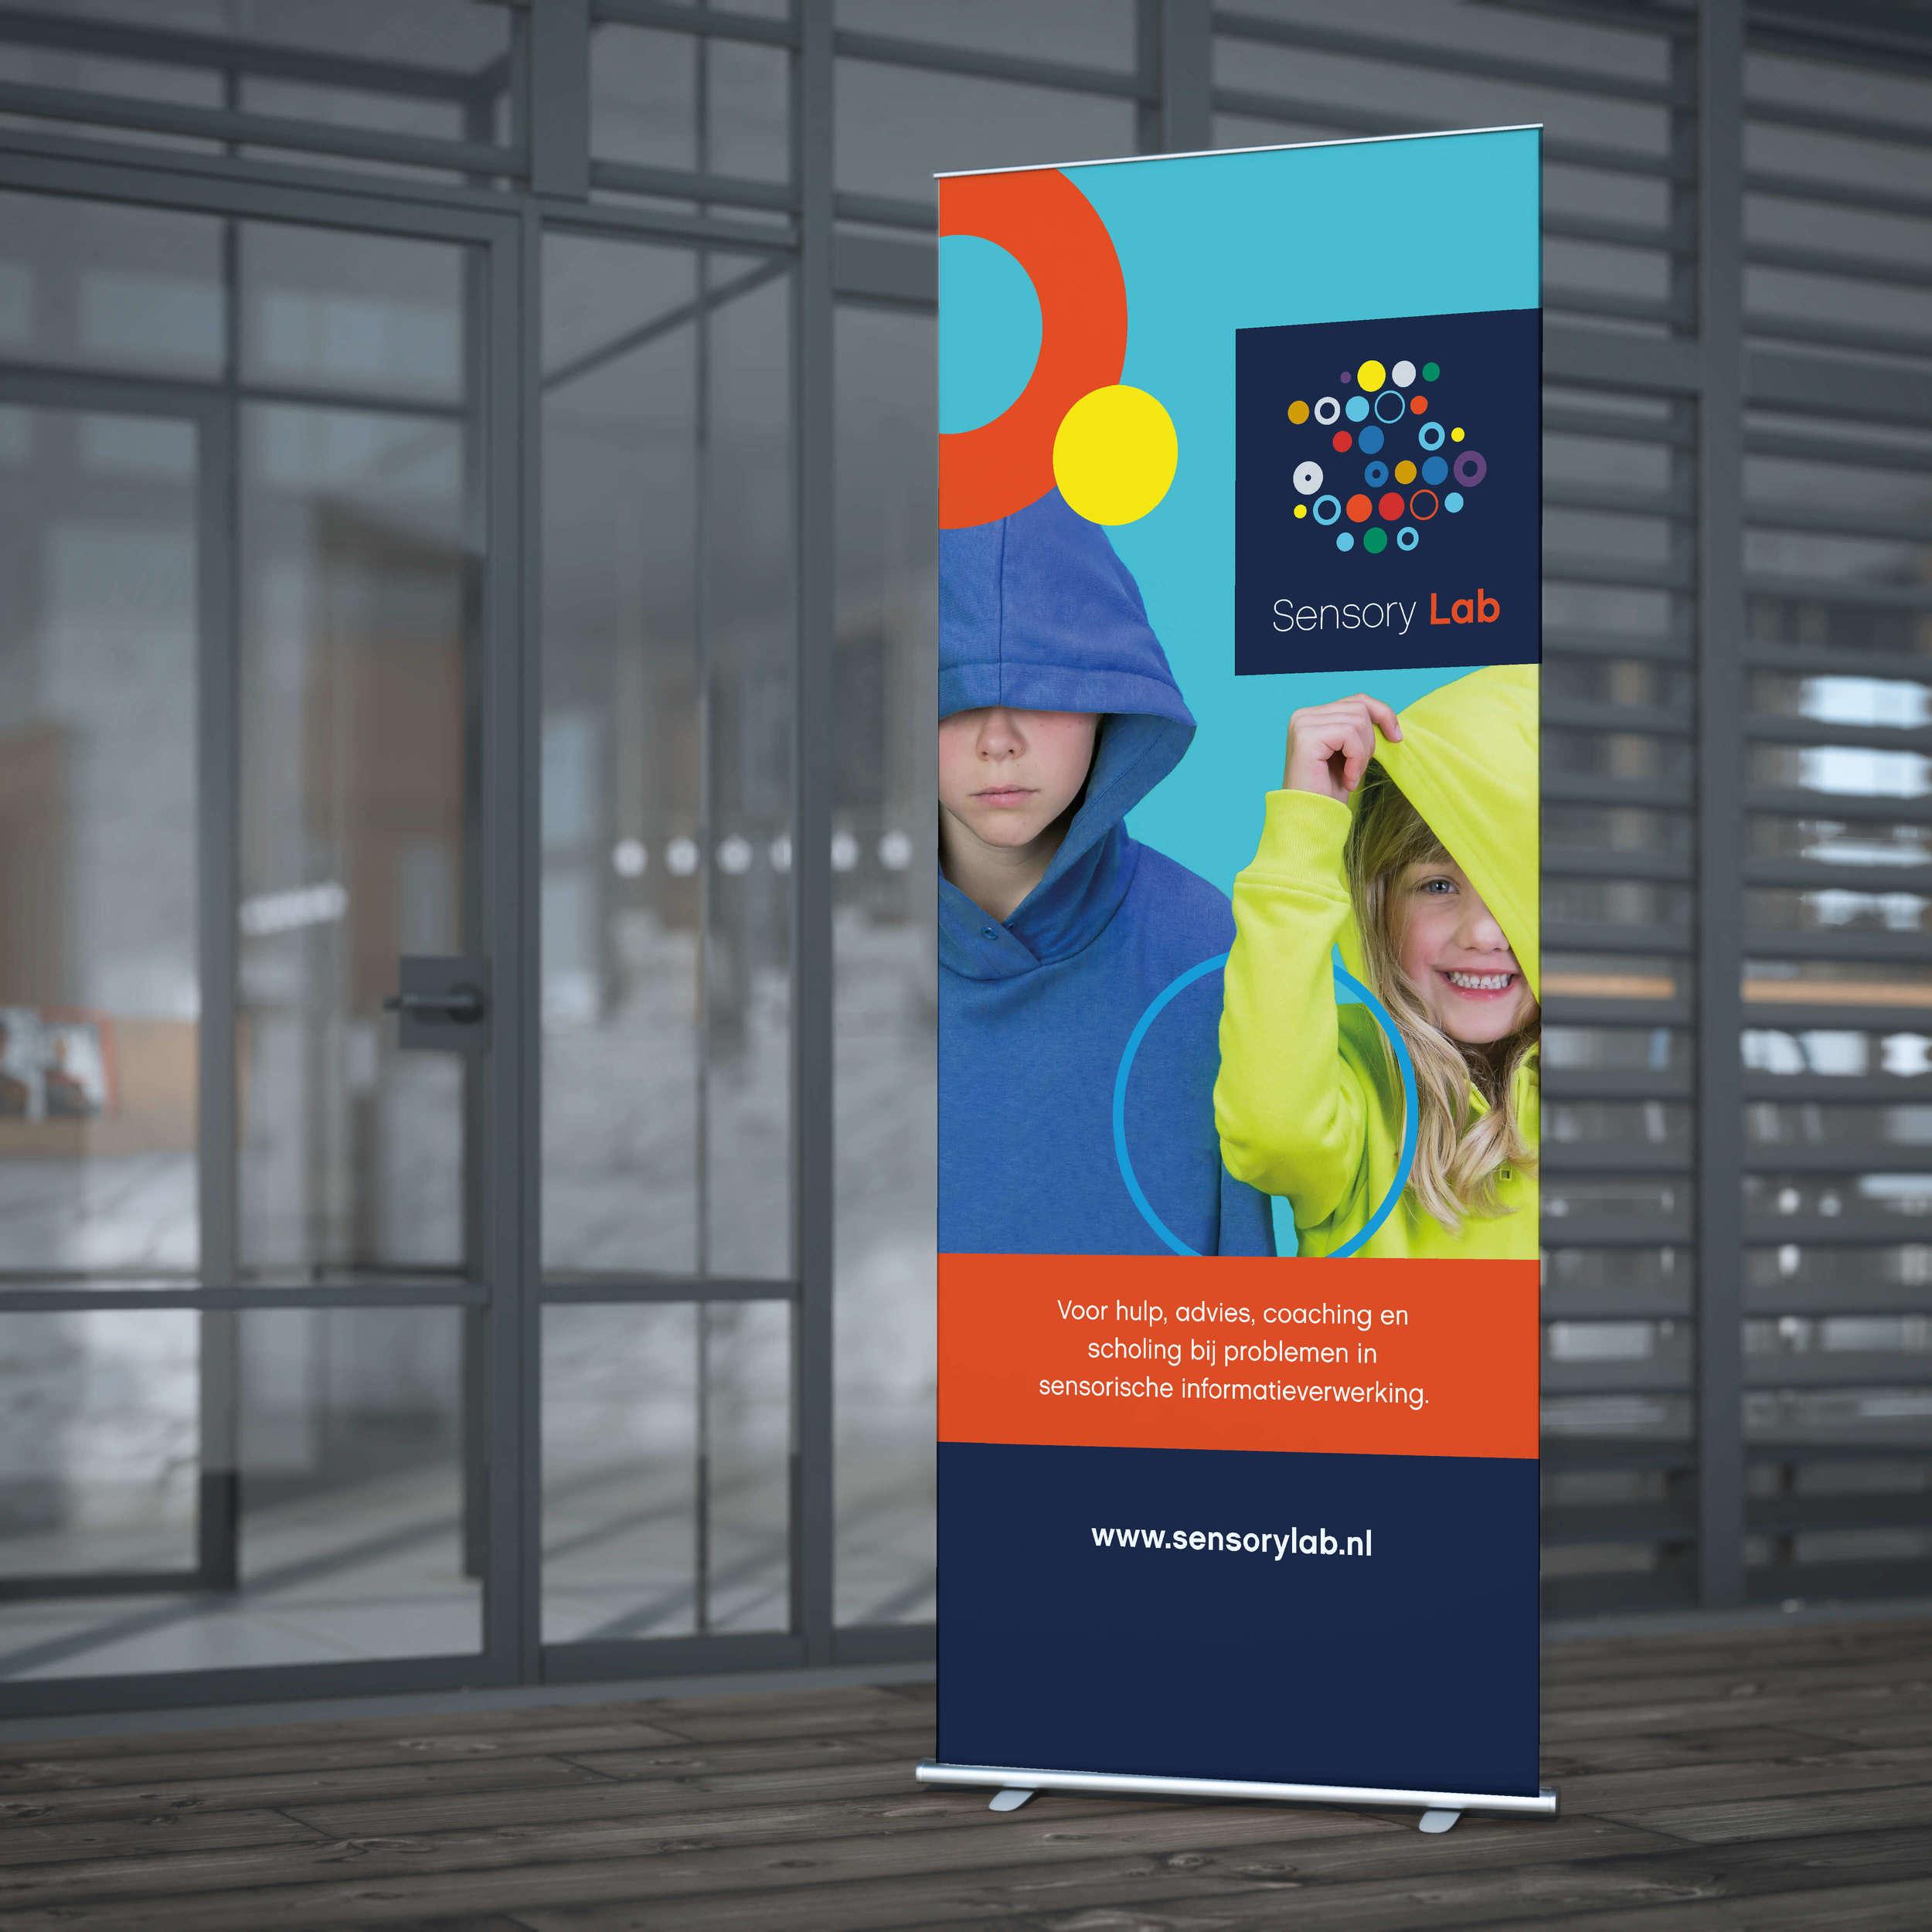 https://brandmatters.nl/app/uploads/2020/05/shutterstock_309981281-2.jpg